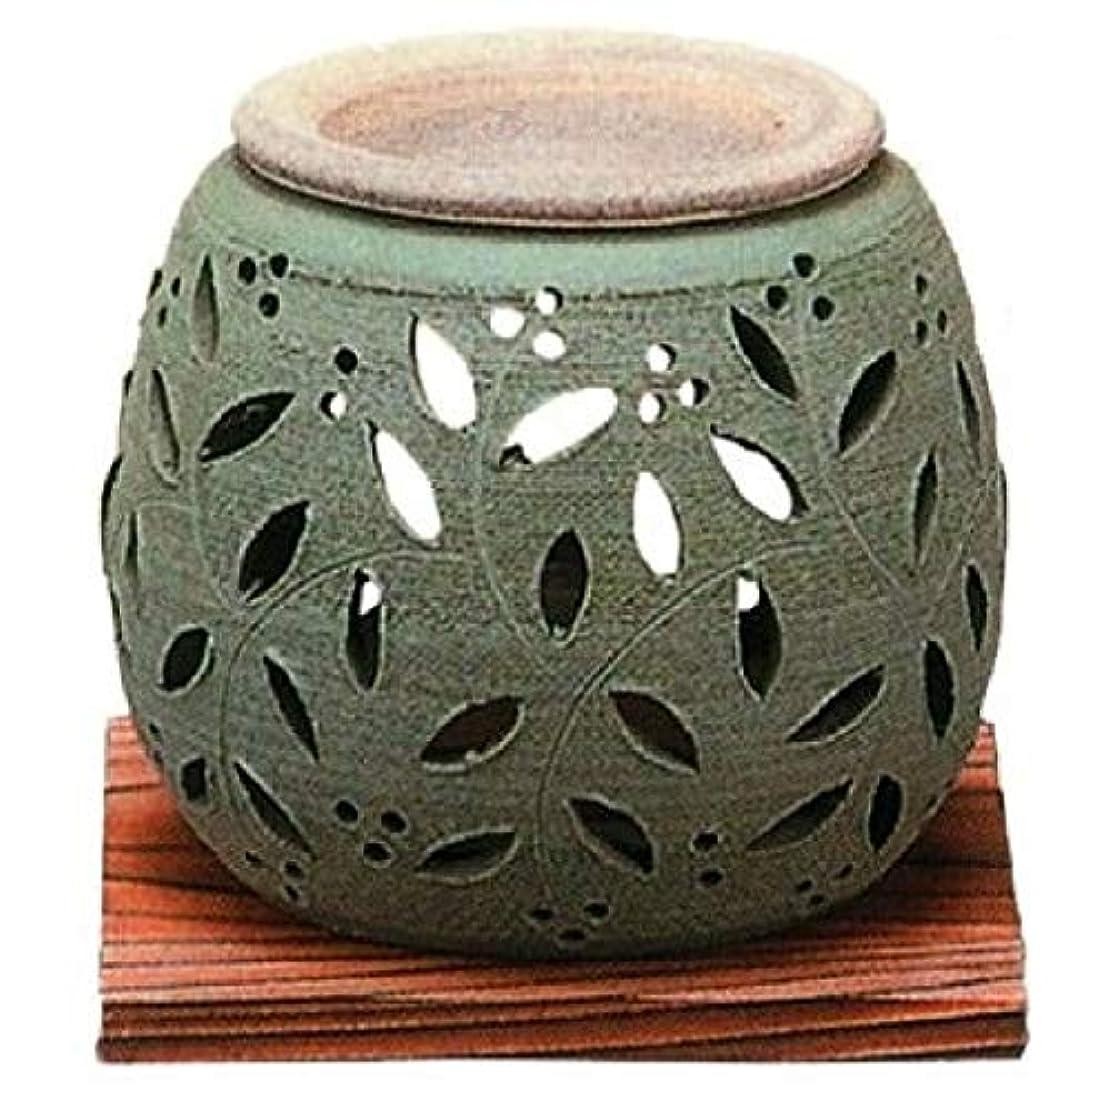 腸ホバー真面目な常滑焼?石龍窯 カ38-06 茶香炉 ダテ花 焼杉板付 径10×10cm